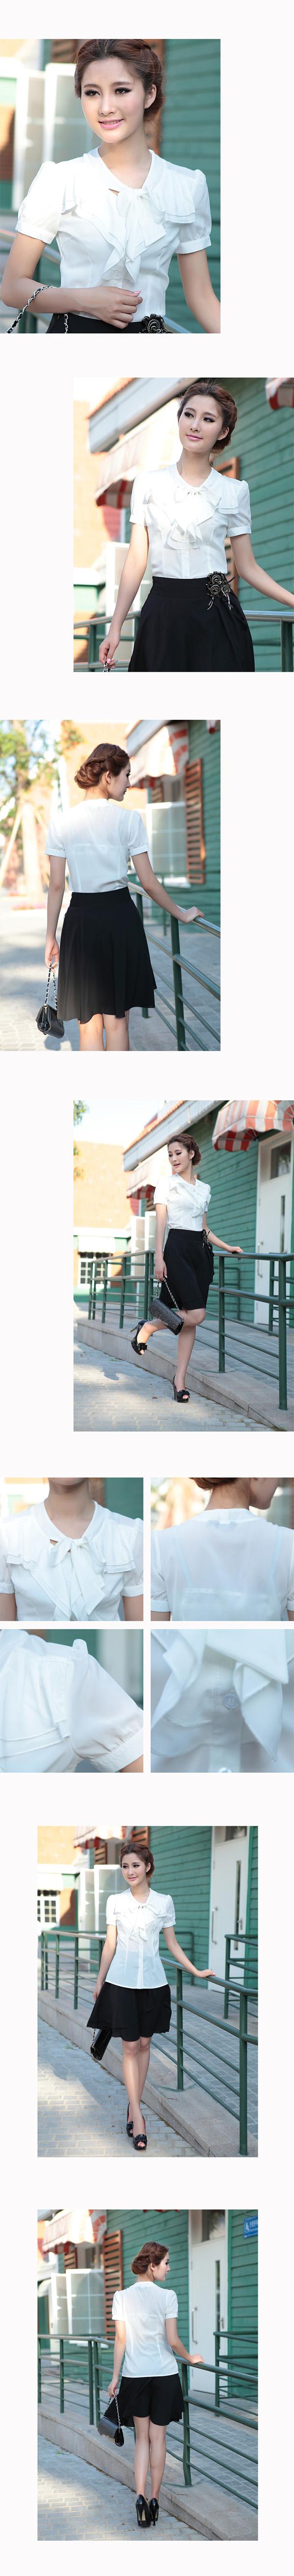 เสื้อเชิ้ตชีฟอง ทำงาน แฟชั่นเกาหลี ฟอร์มพนักงาน นำเข้า ไซส์S/M/L สีขาว แขนสั้น - พรีออเดอร์ML3542